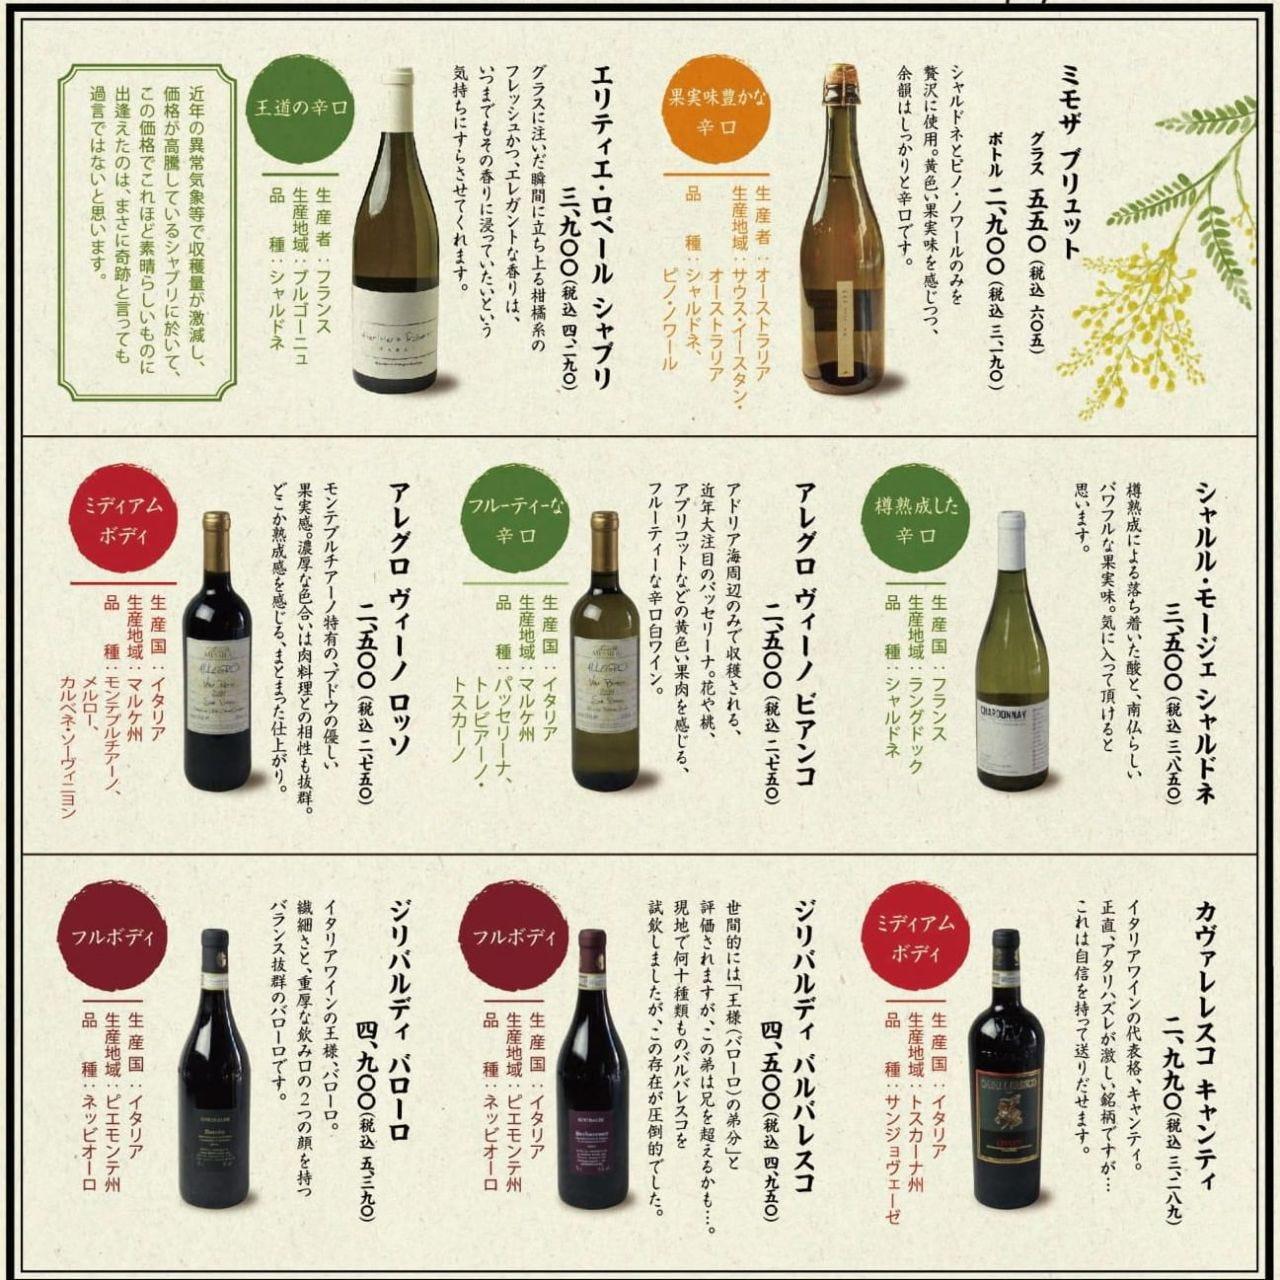 現地買い付け超コスパワイン!どれも日本未発売のワインです